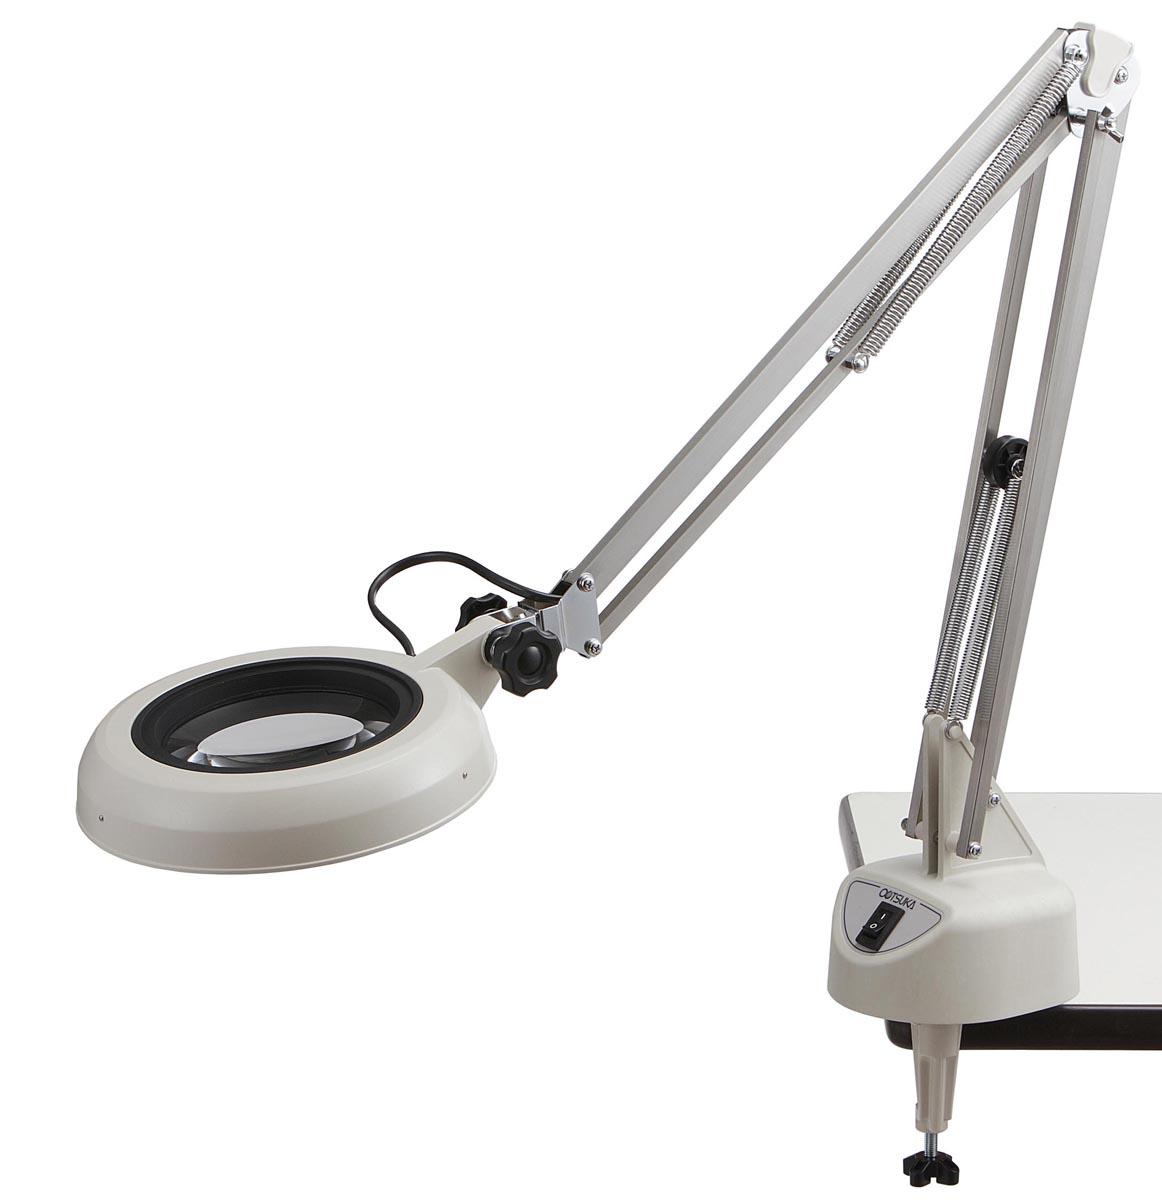 最大80%オフ! オーツカ光学 LED照明拡大鏡 ENVL-6F:GAOS 店, CLAMP:618072cc --- fricanospizzaalpine.com